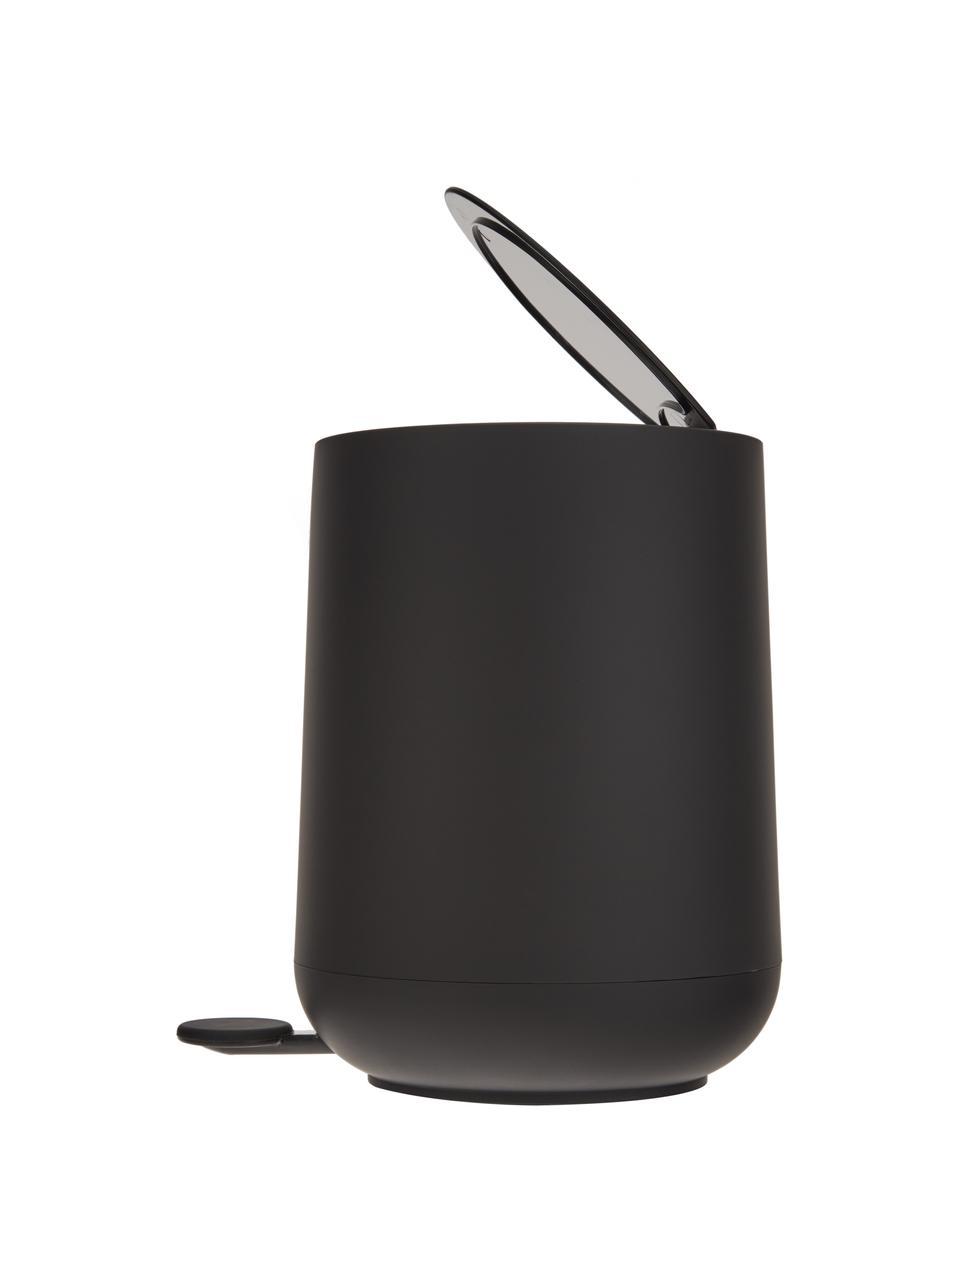 Abfalleimer Nova mit Softmotion-Deckel, ABS-Kunststoff, Schwarz, Ø 23 x H 29 cm